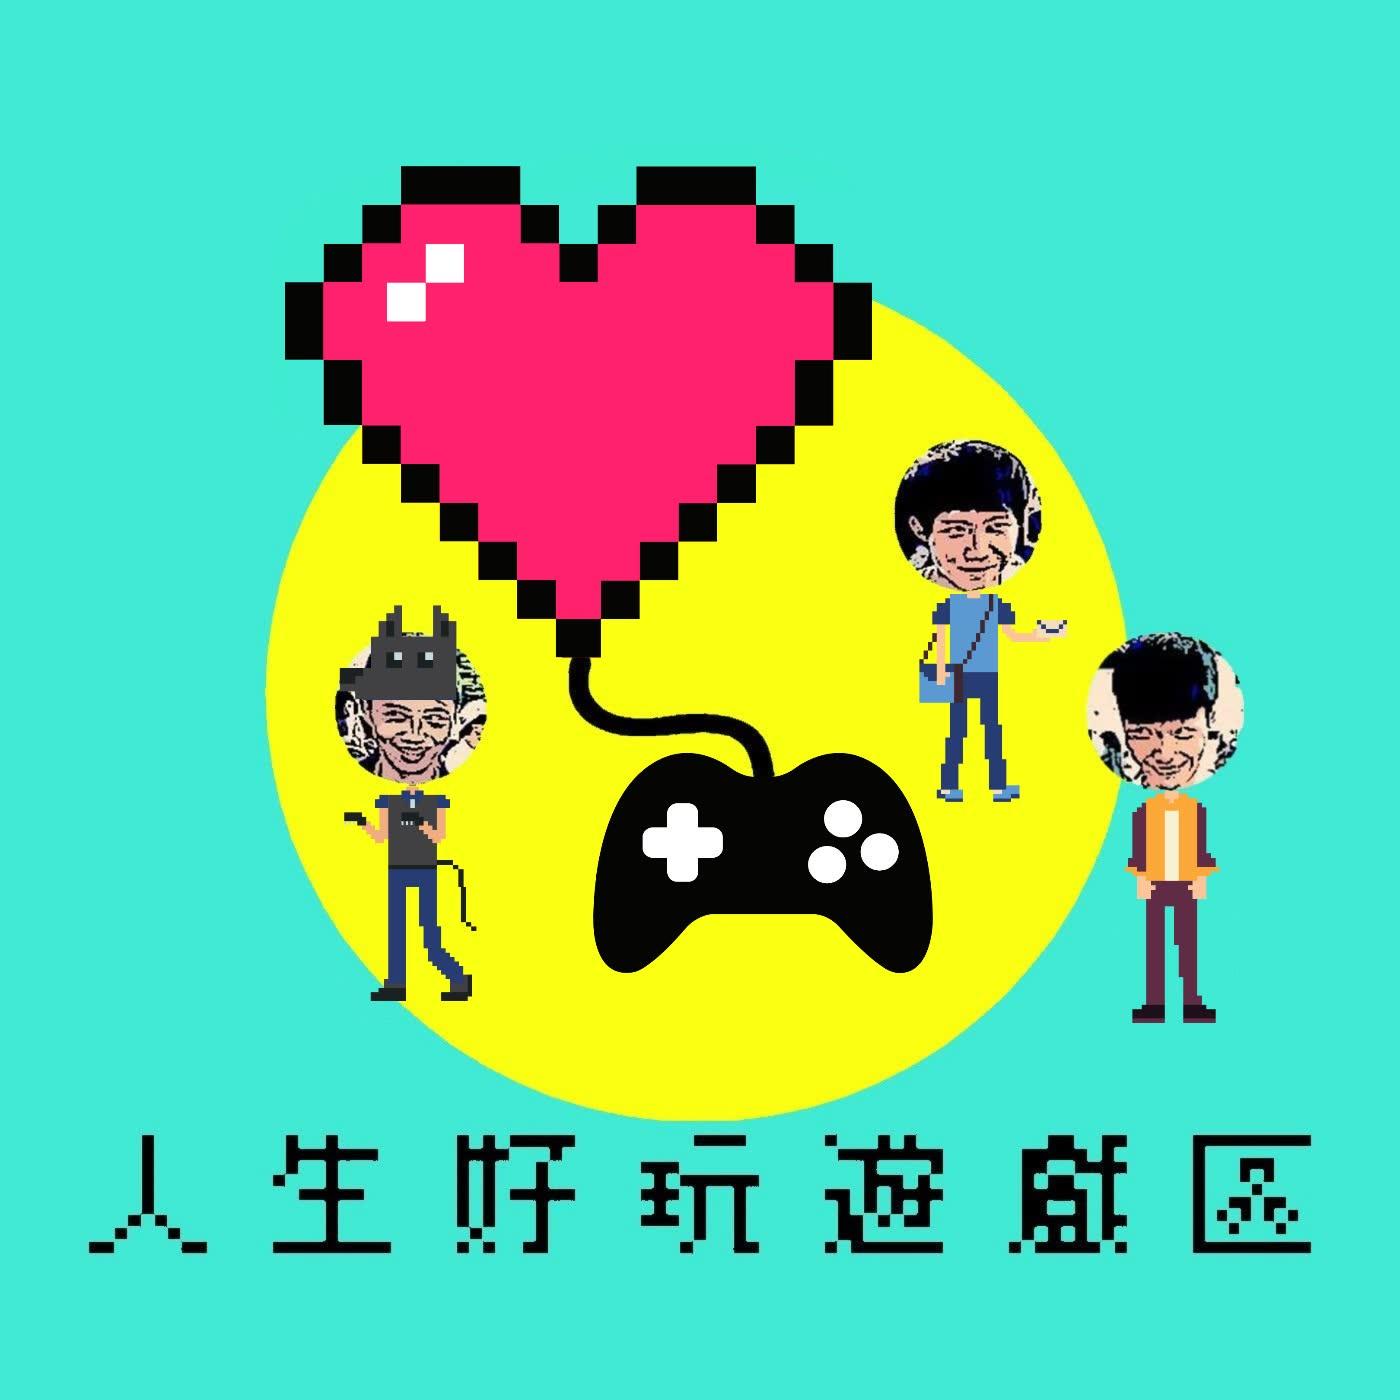 【床邊故事#5】紫涵伴小陳|金曲大帝國|歌詞串連